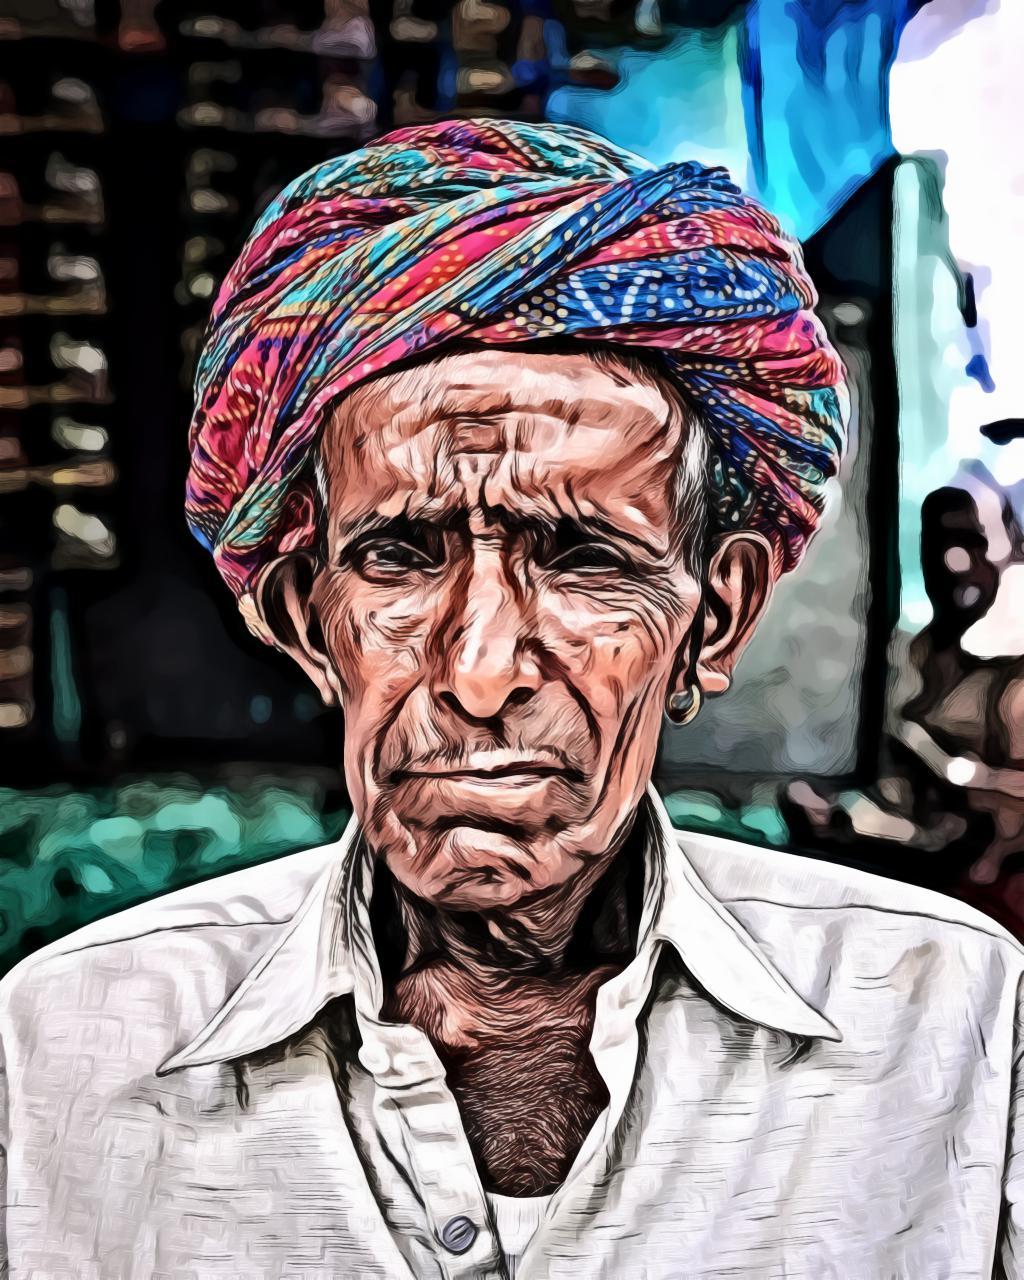 Portrait of an old man wearing headscarf